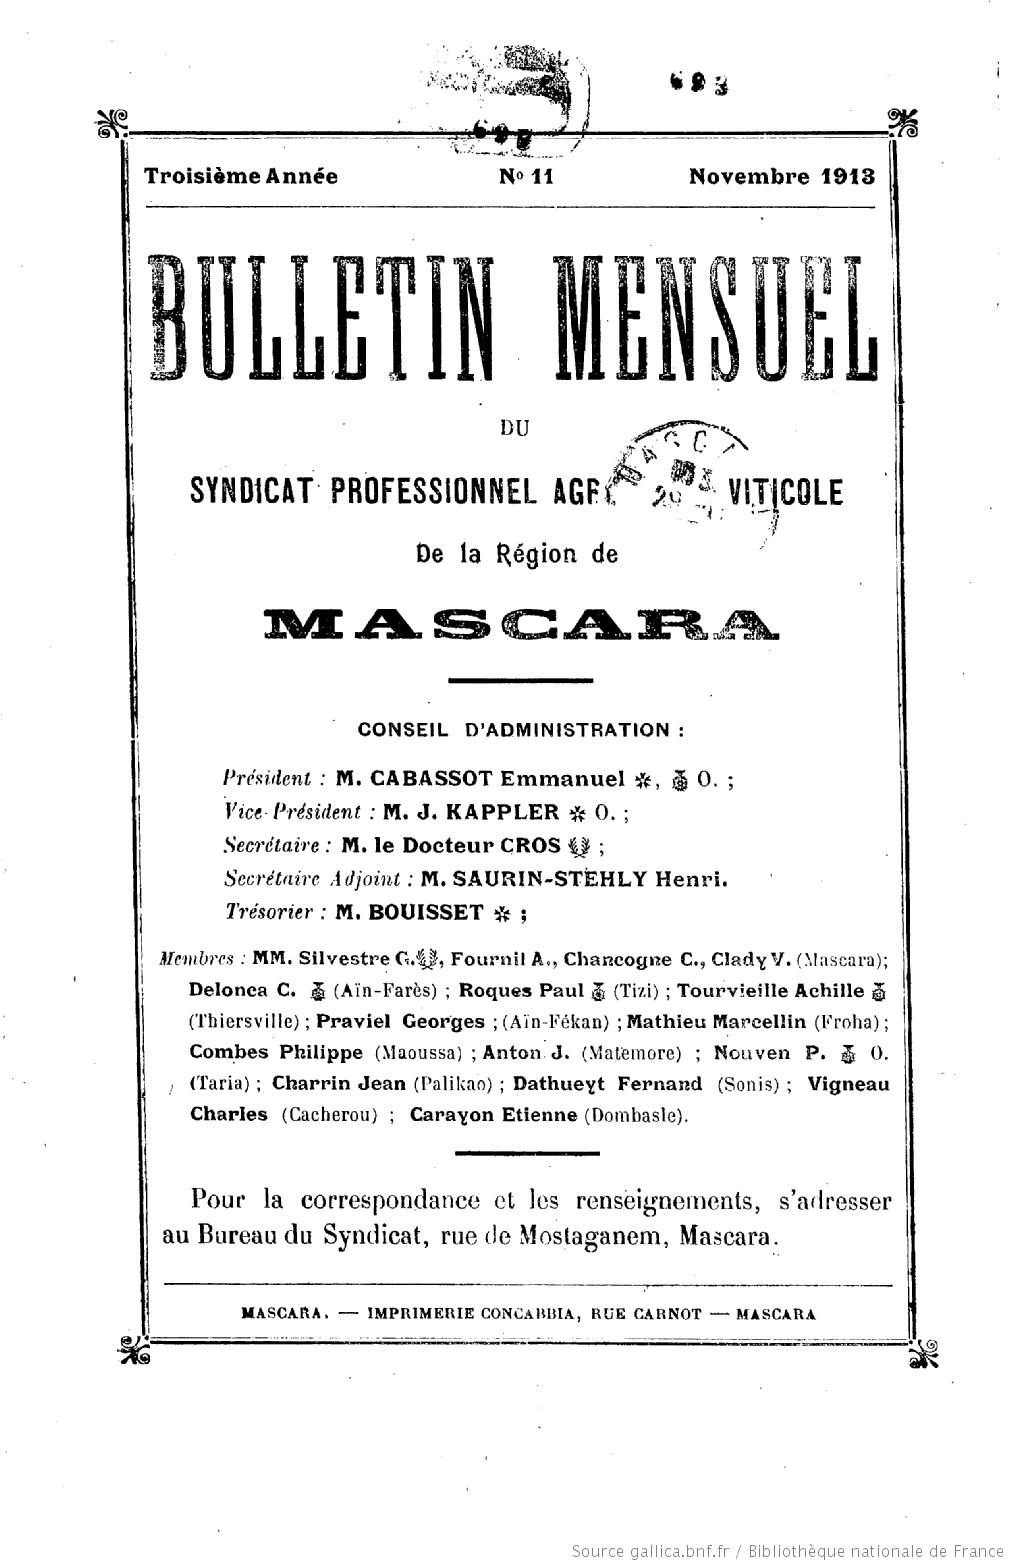 Bulletin uel du Syndicat professionnel agricole et viticole de ... on